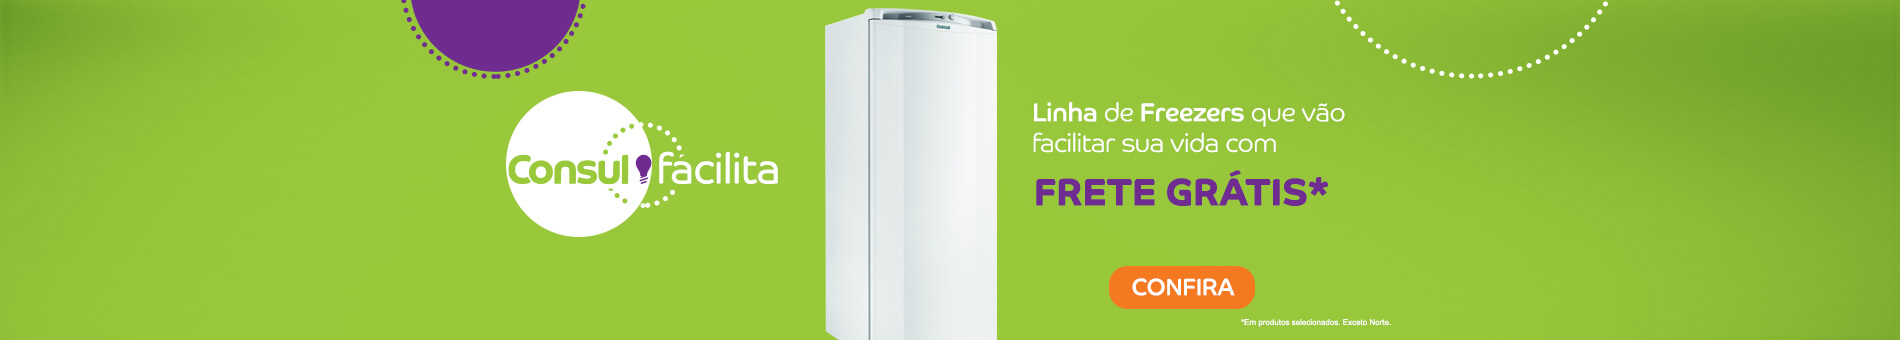 Promoção Interna - 851 - consulfacilita_freezer_home2_26092016 - freezer - 2